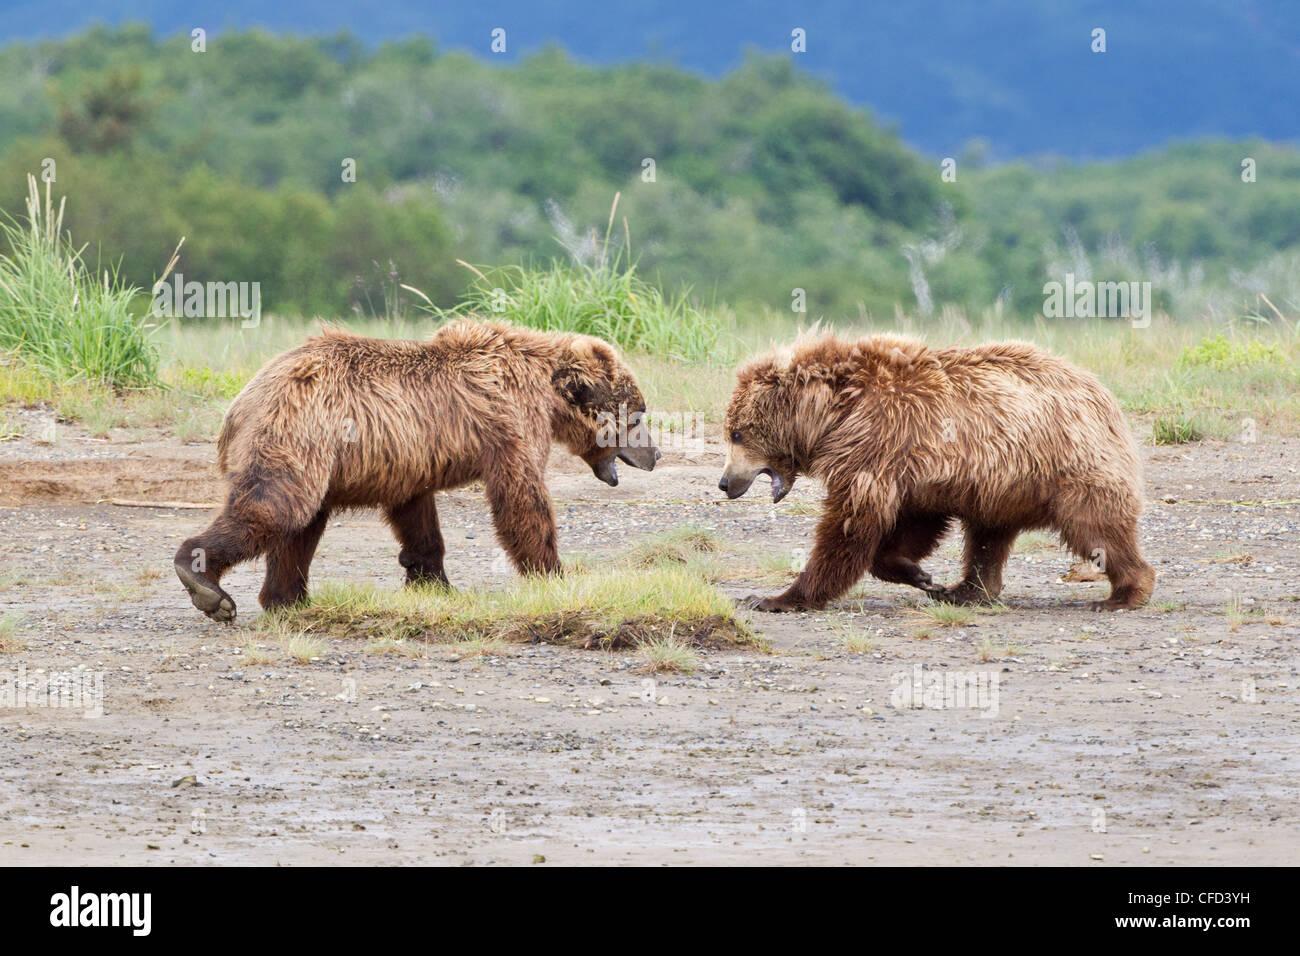 Grizzly bears/Alaskbrown bears Ursus arctos Stock Photo